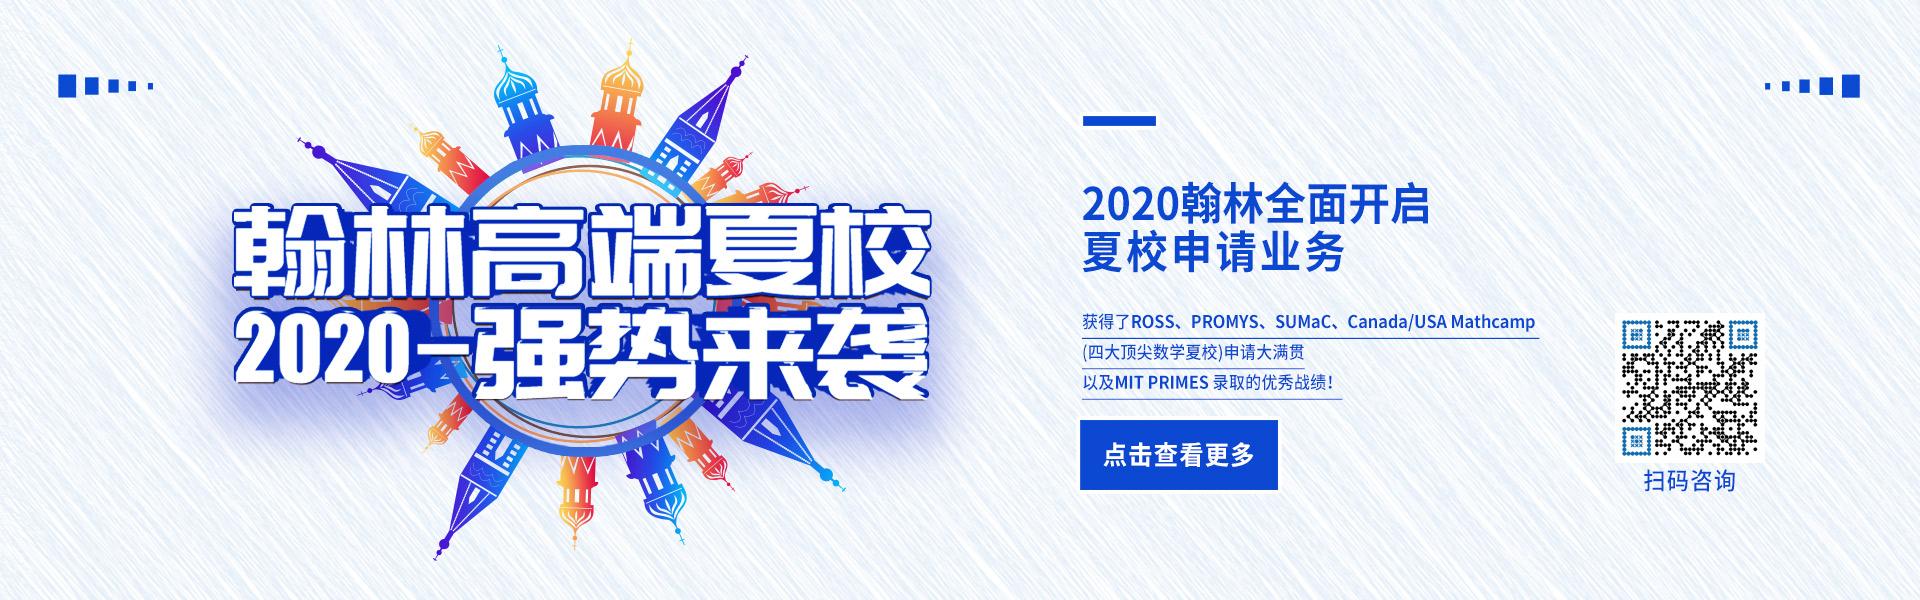 summer banner 2020